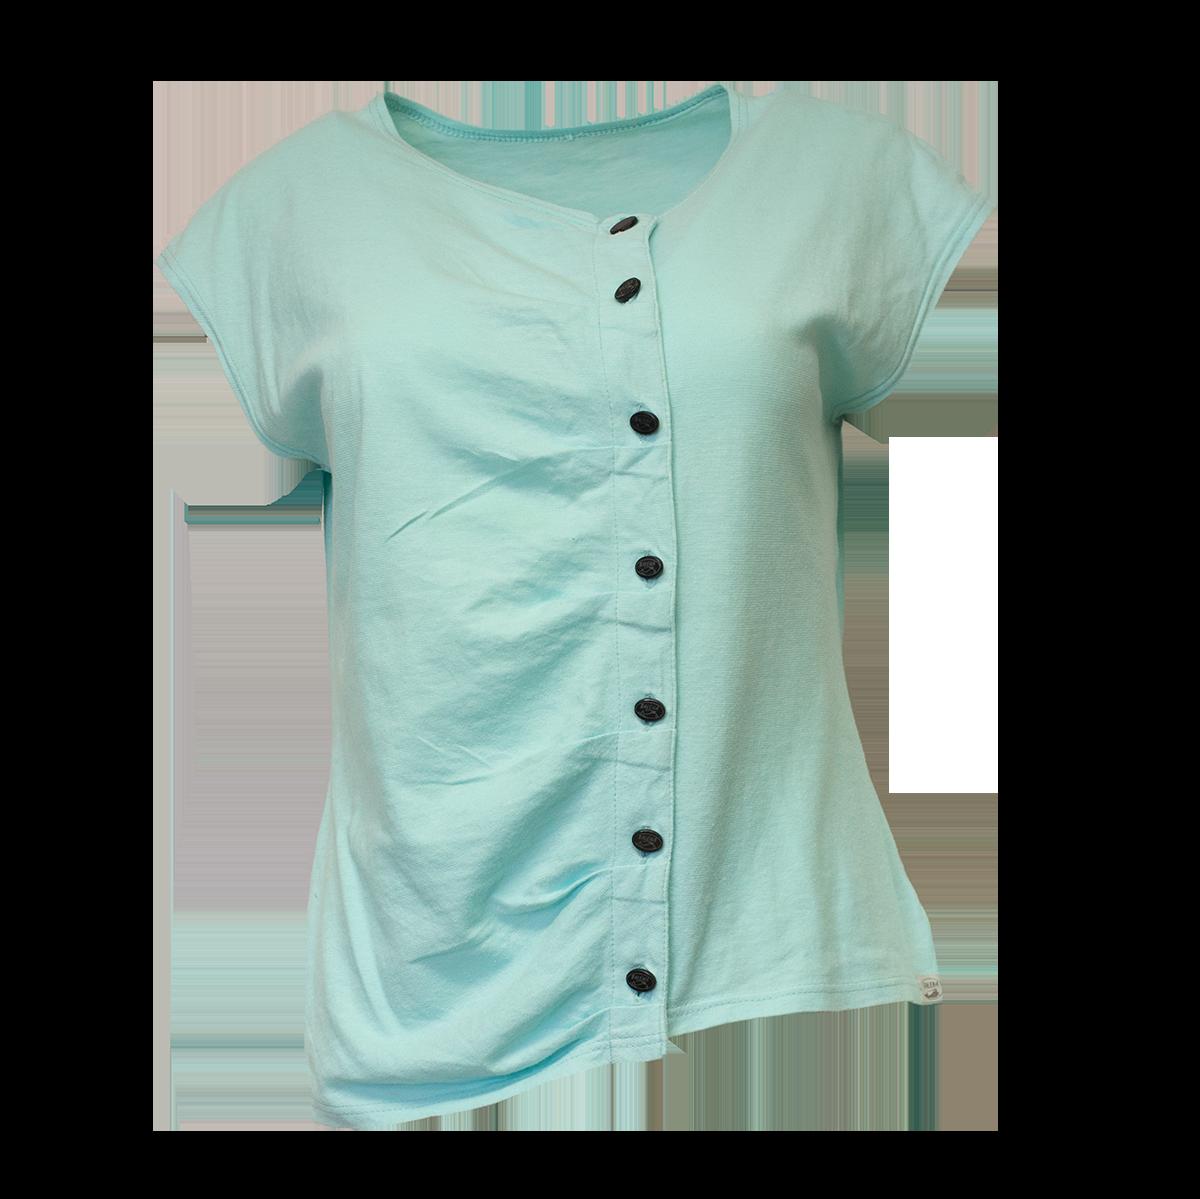 Balema, mintunvihreä T-paita - S